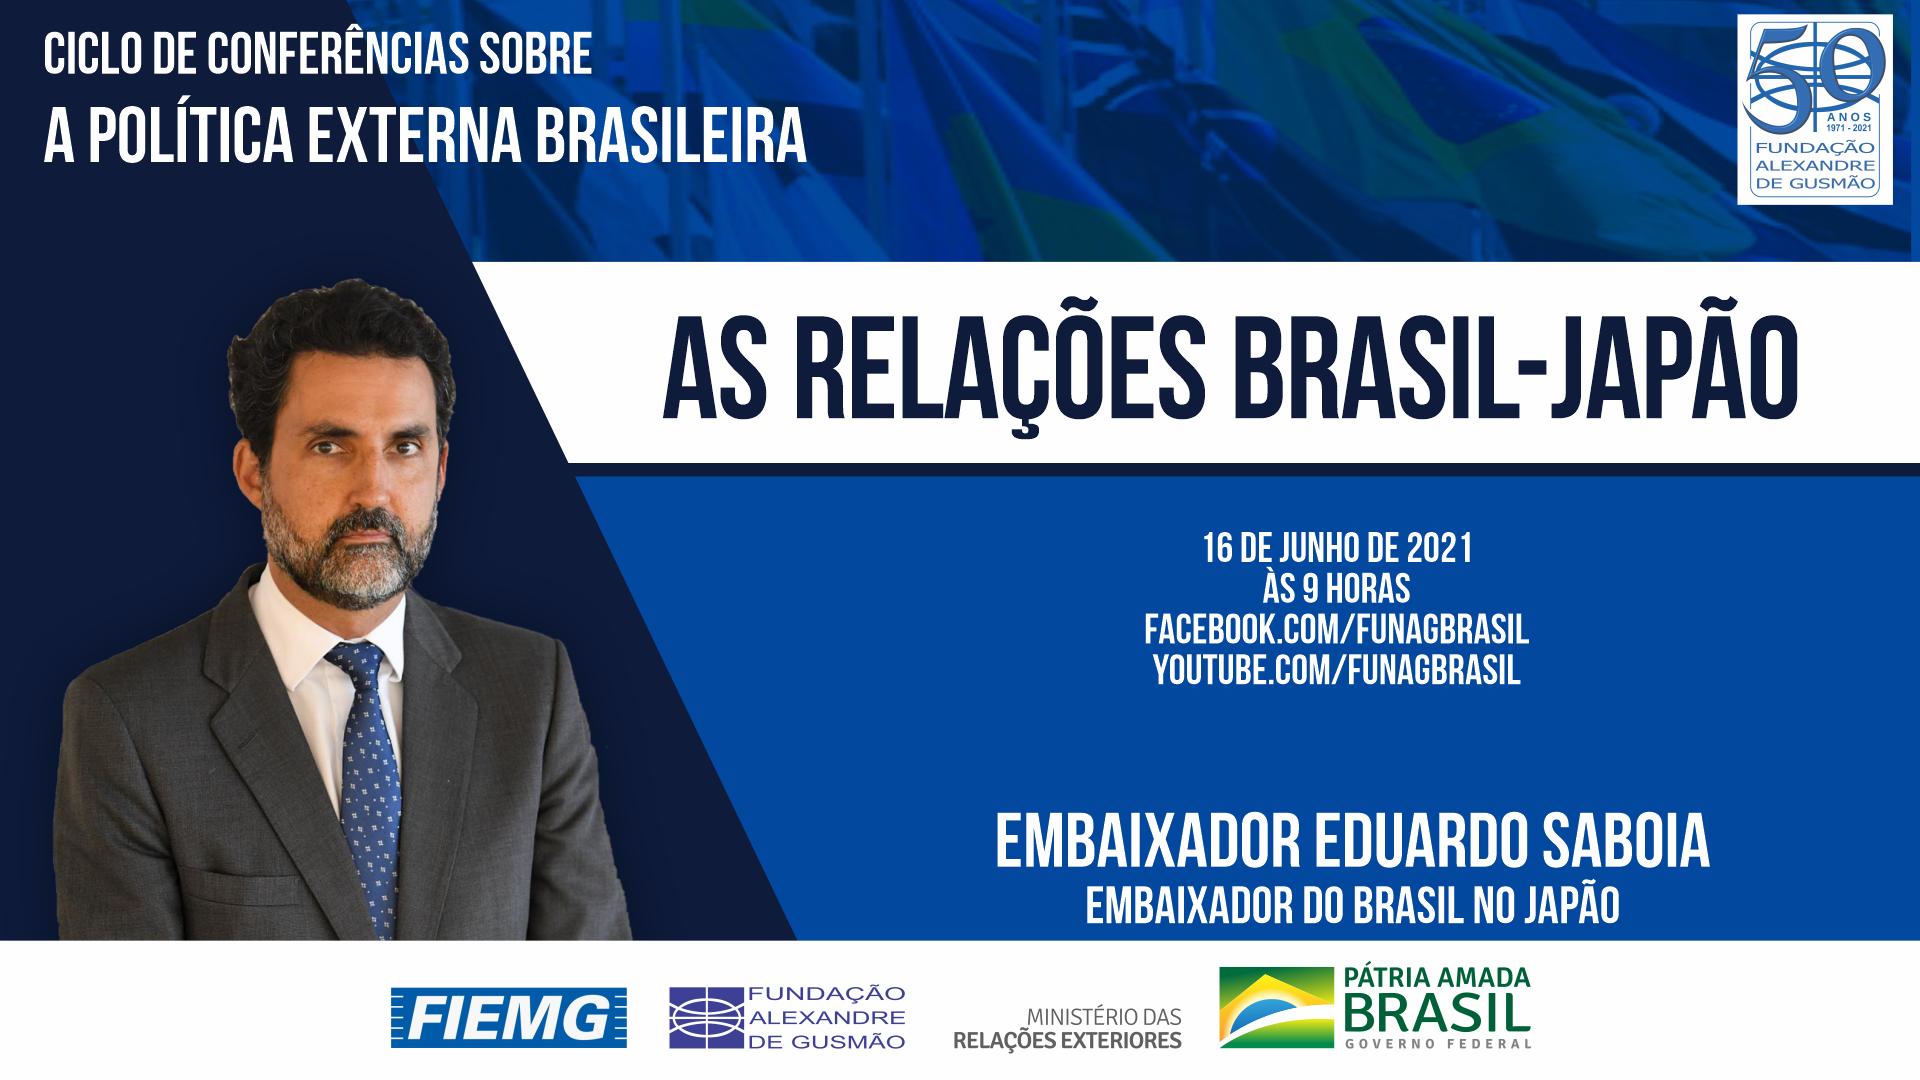 FUNAG promove conferência do Embaixador do Brasil no Japão, Eduardo Saboia